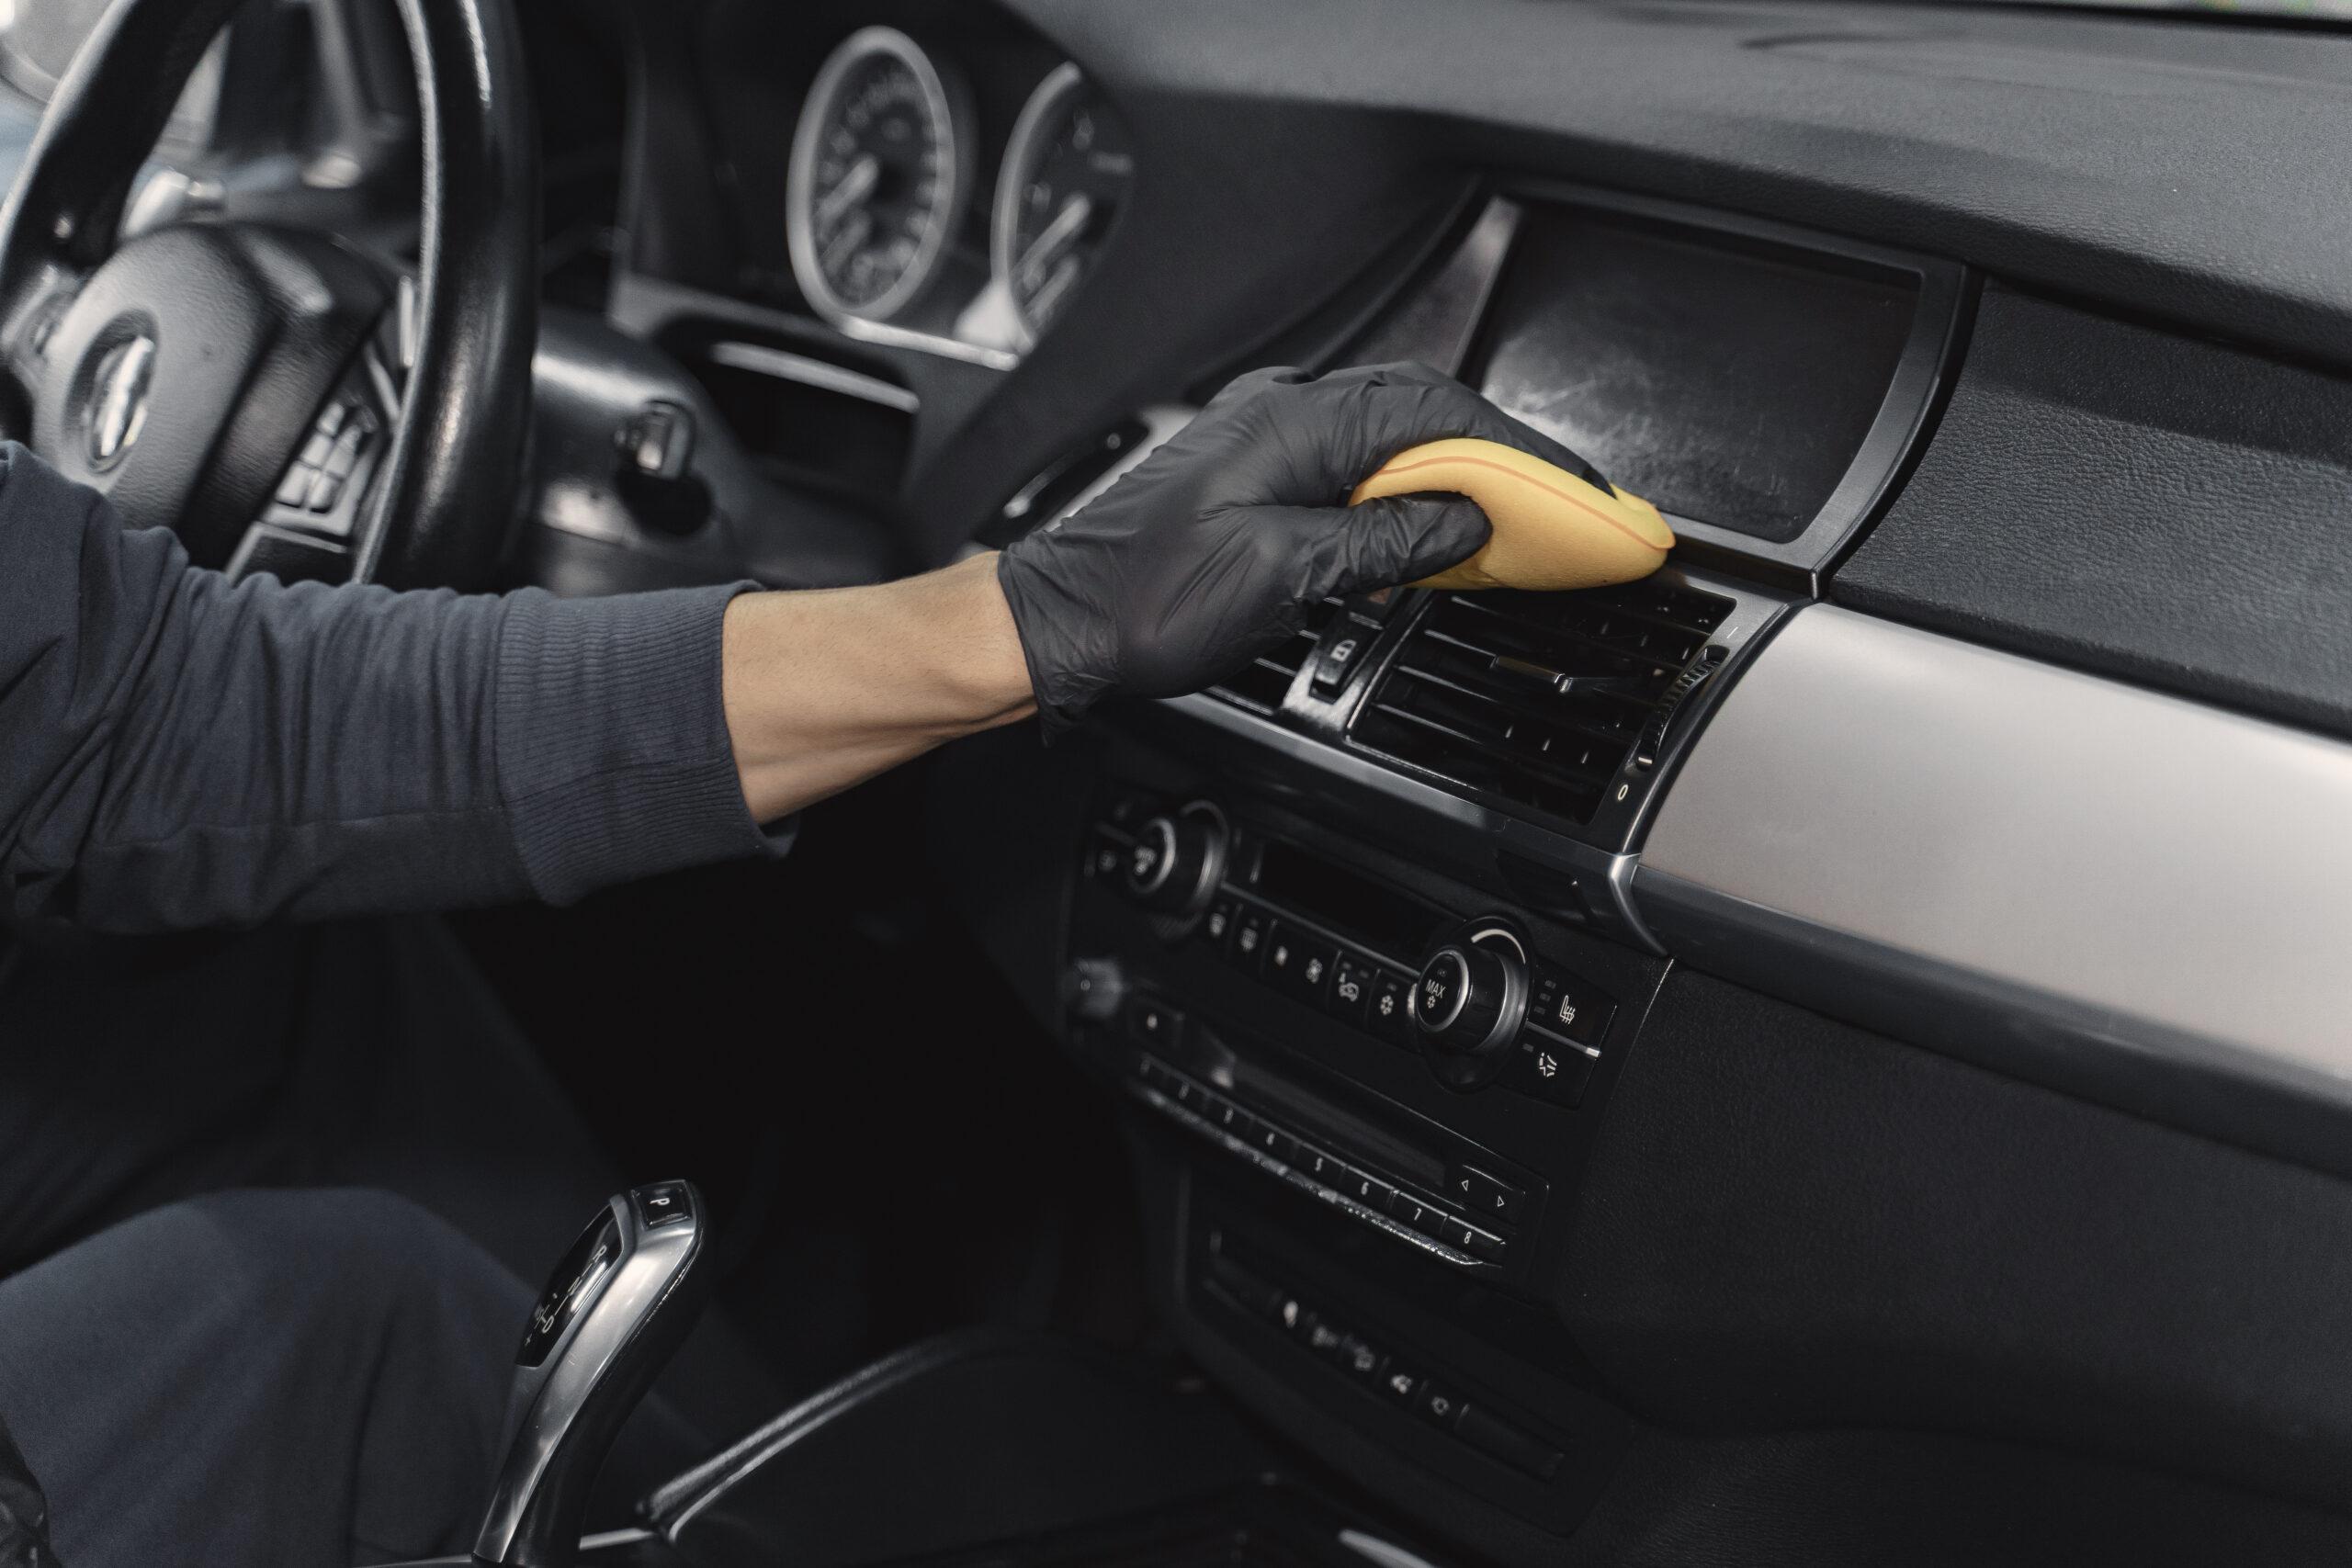 Fahrzeugaufbereitung, Reinigung im Innenraum